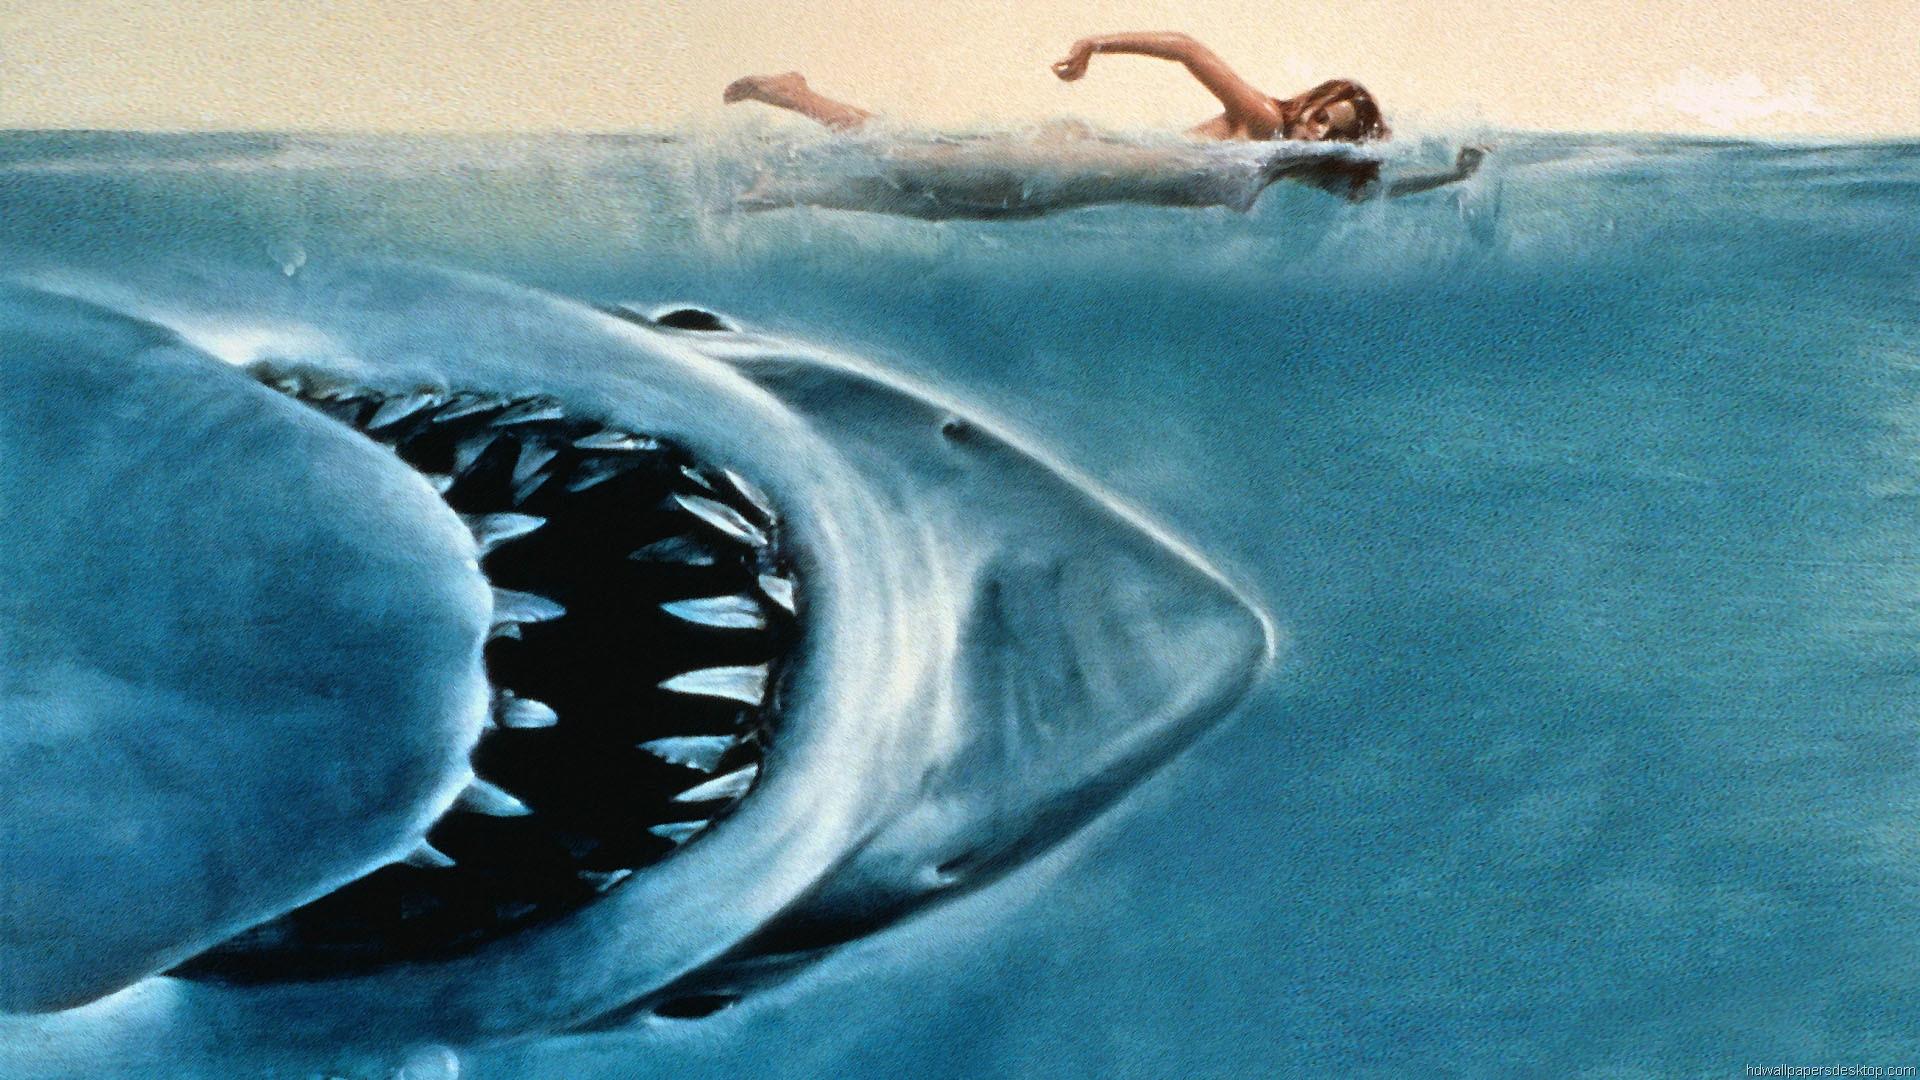 Jaws Wallpaper HD Movie Wallpaper Full HD 1080p 1920x1080 1920x1080